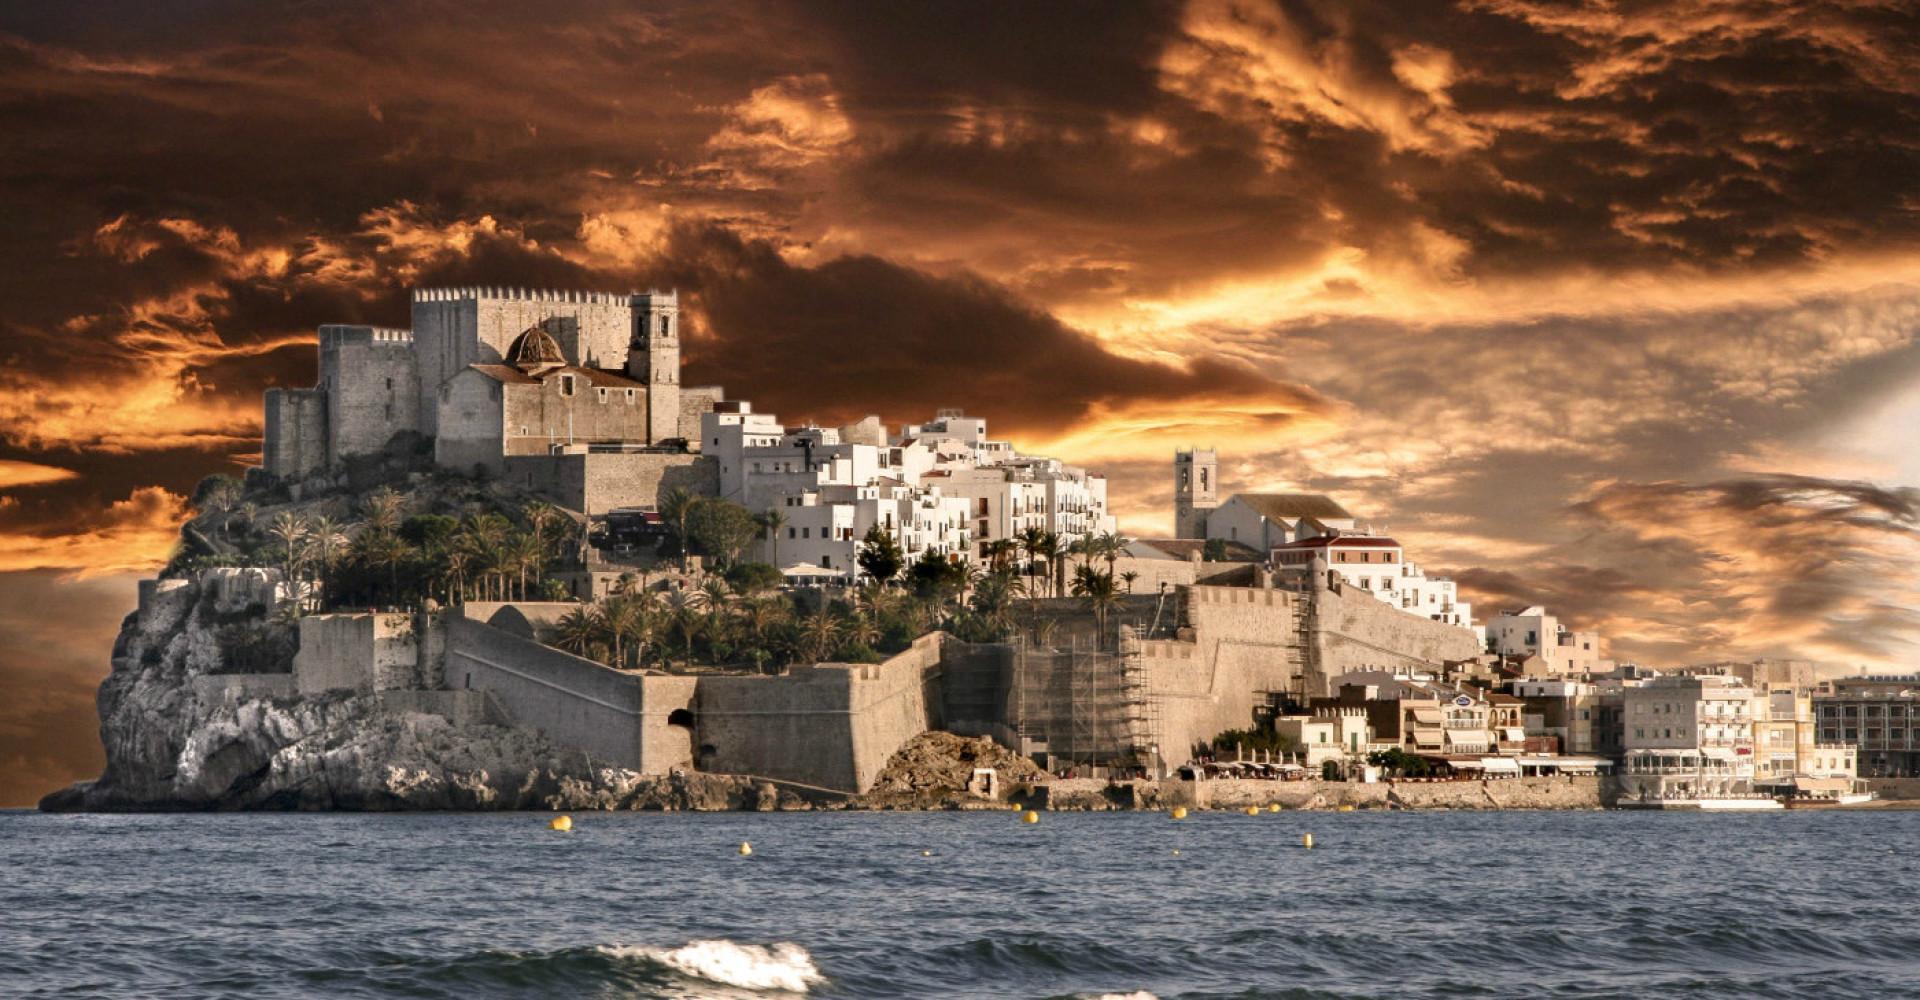 Veja as mais incríveis cidades cercadas por muralhas do mundo!